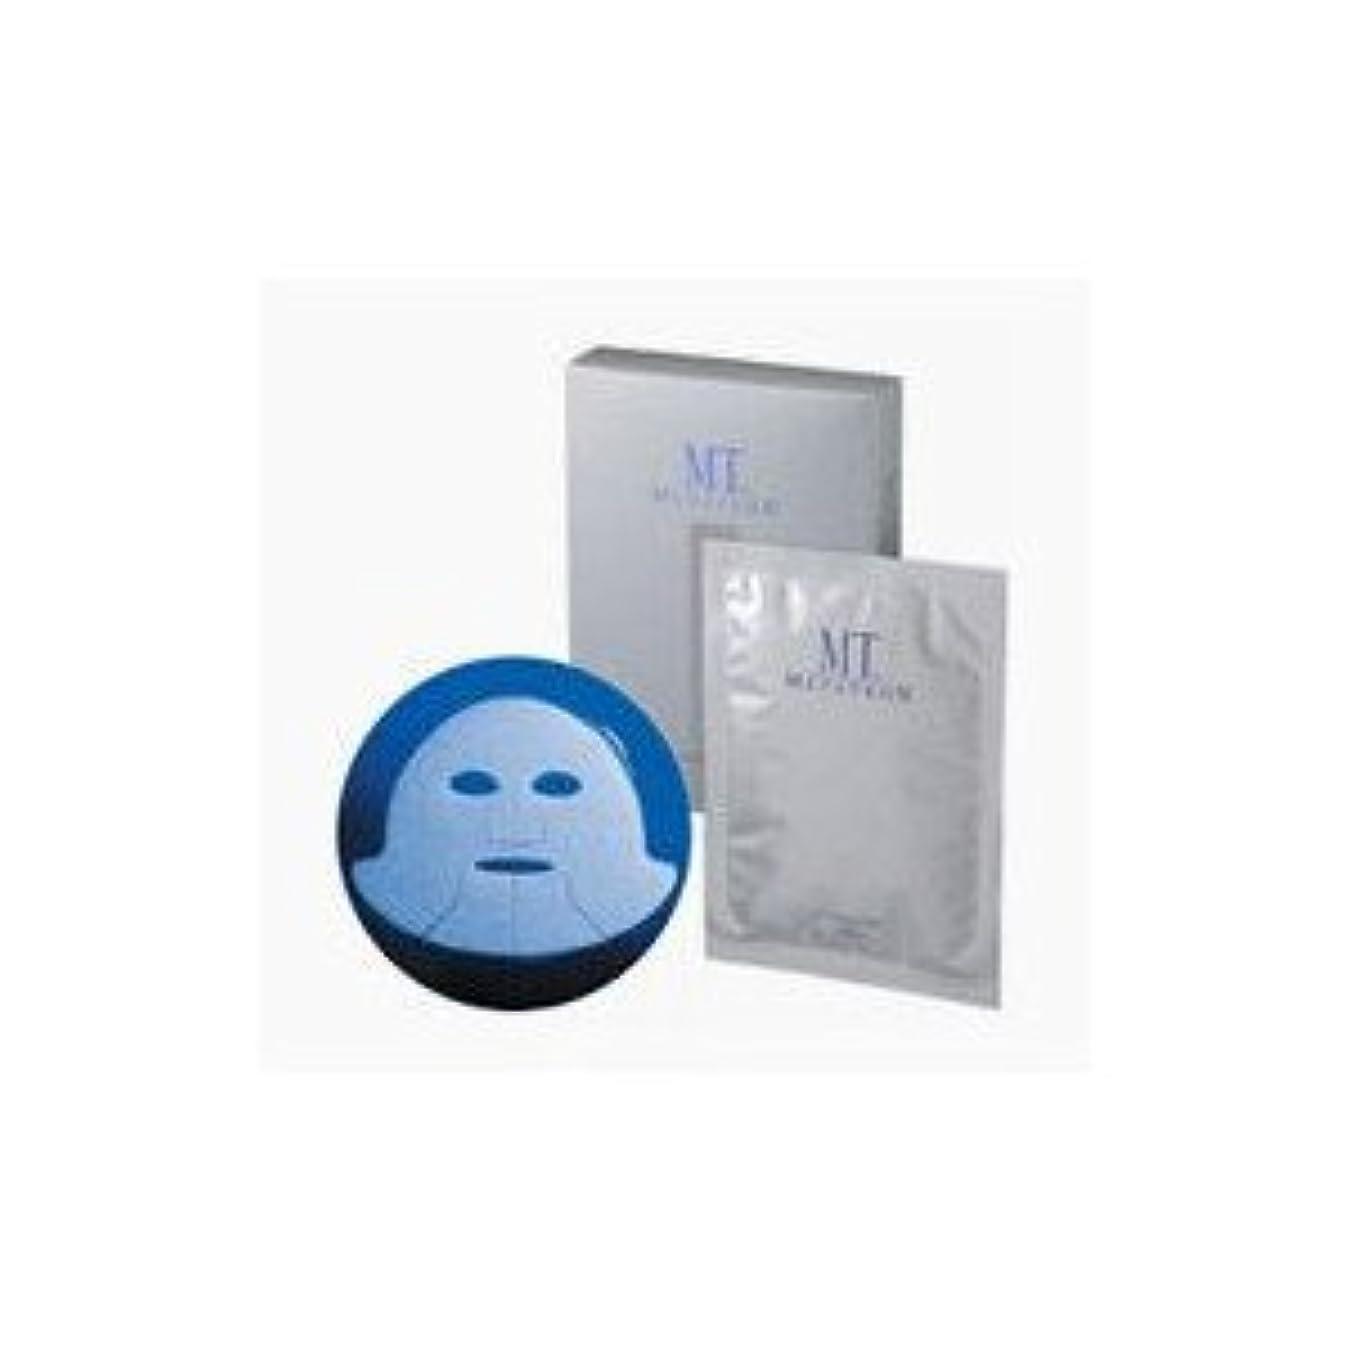 聖域アクセサリー植生MTメタトロン MT コントア マスク 6枚入り アウトレット